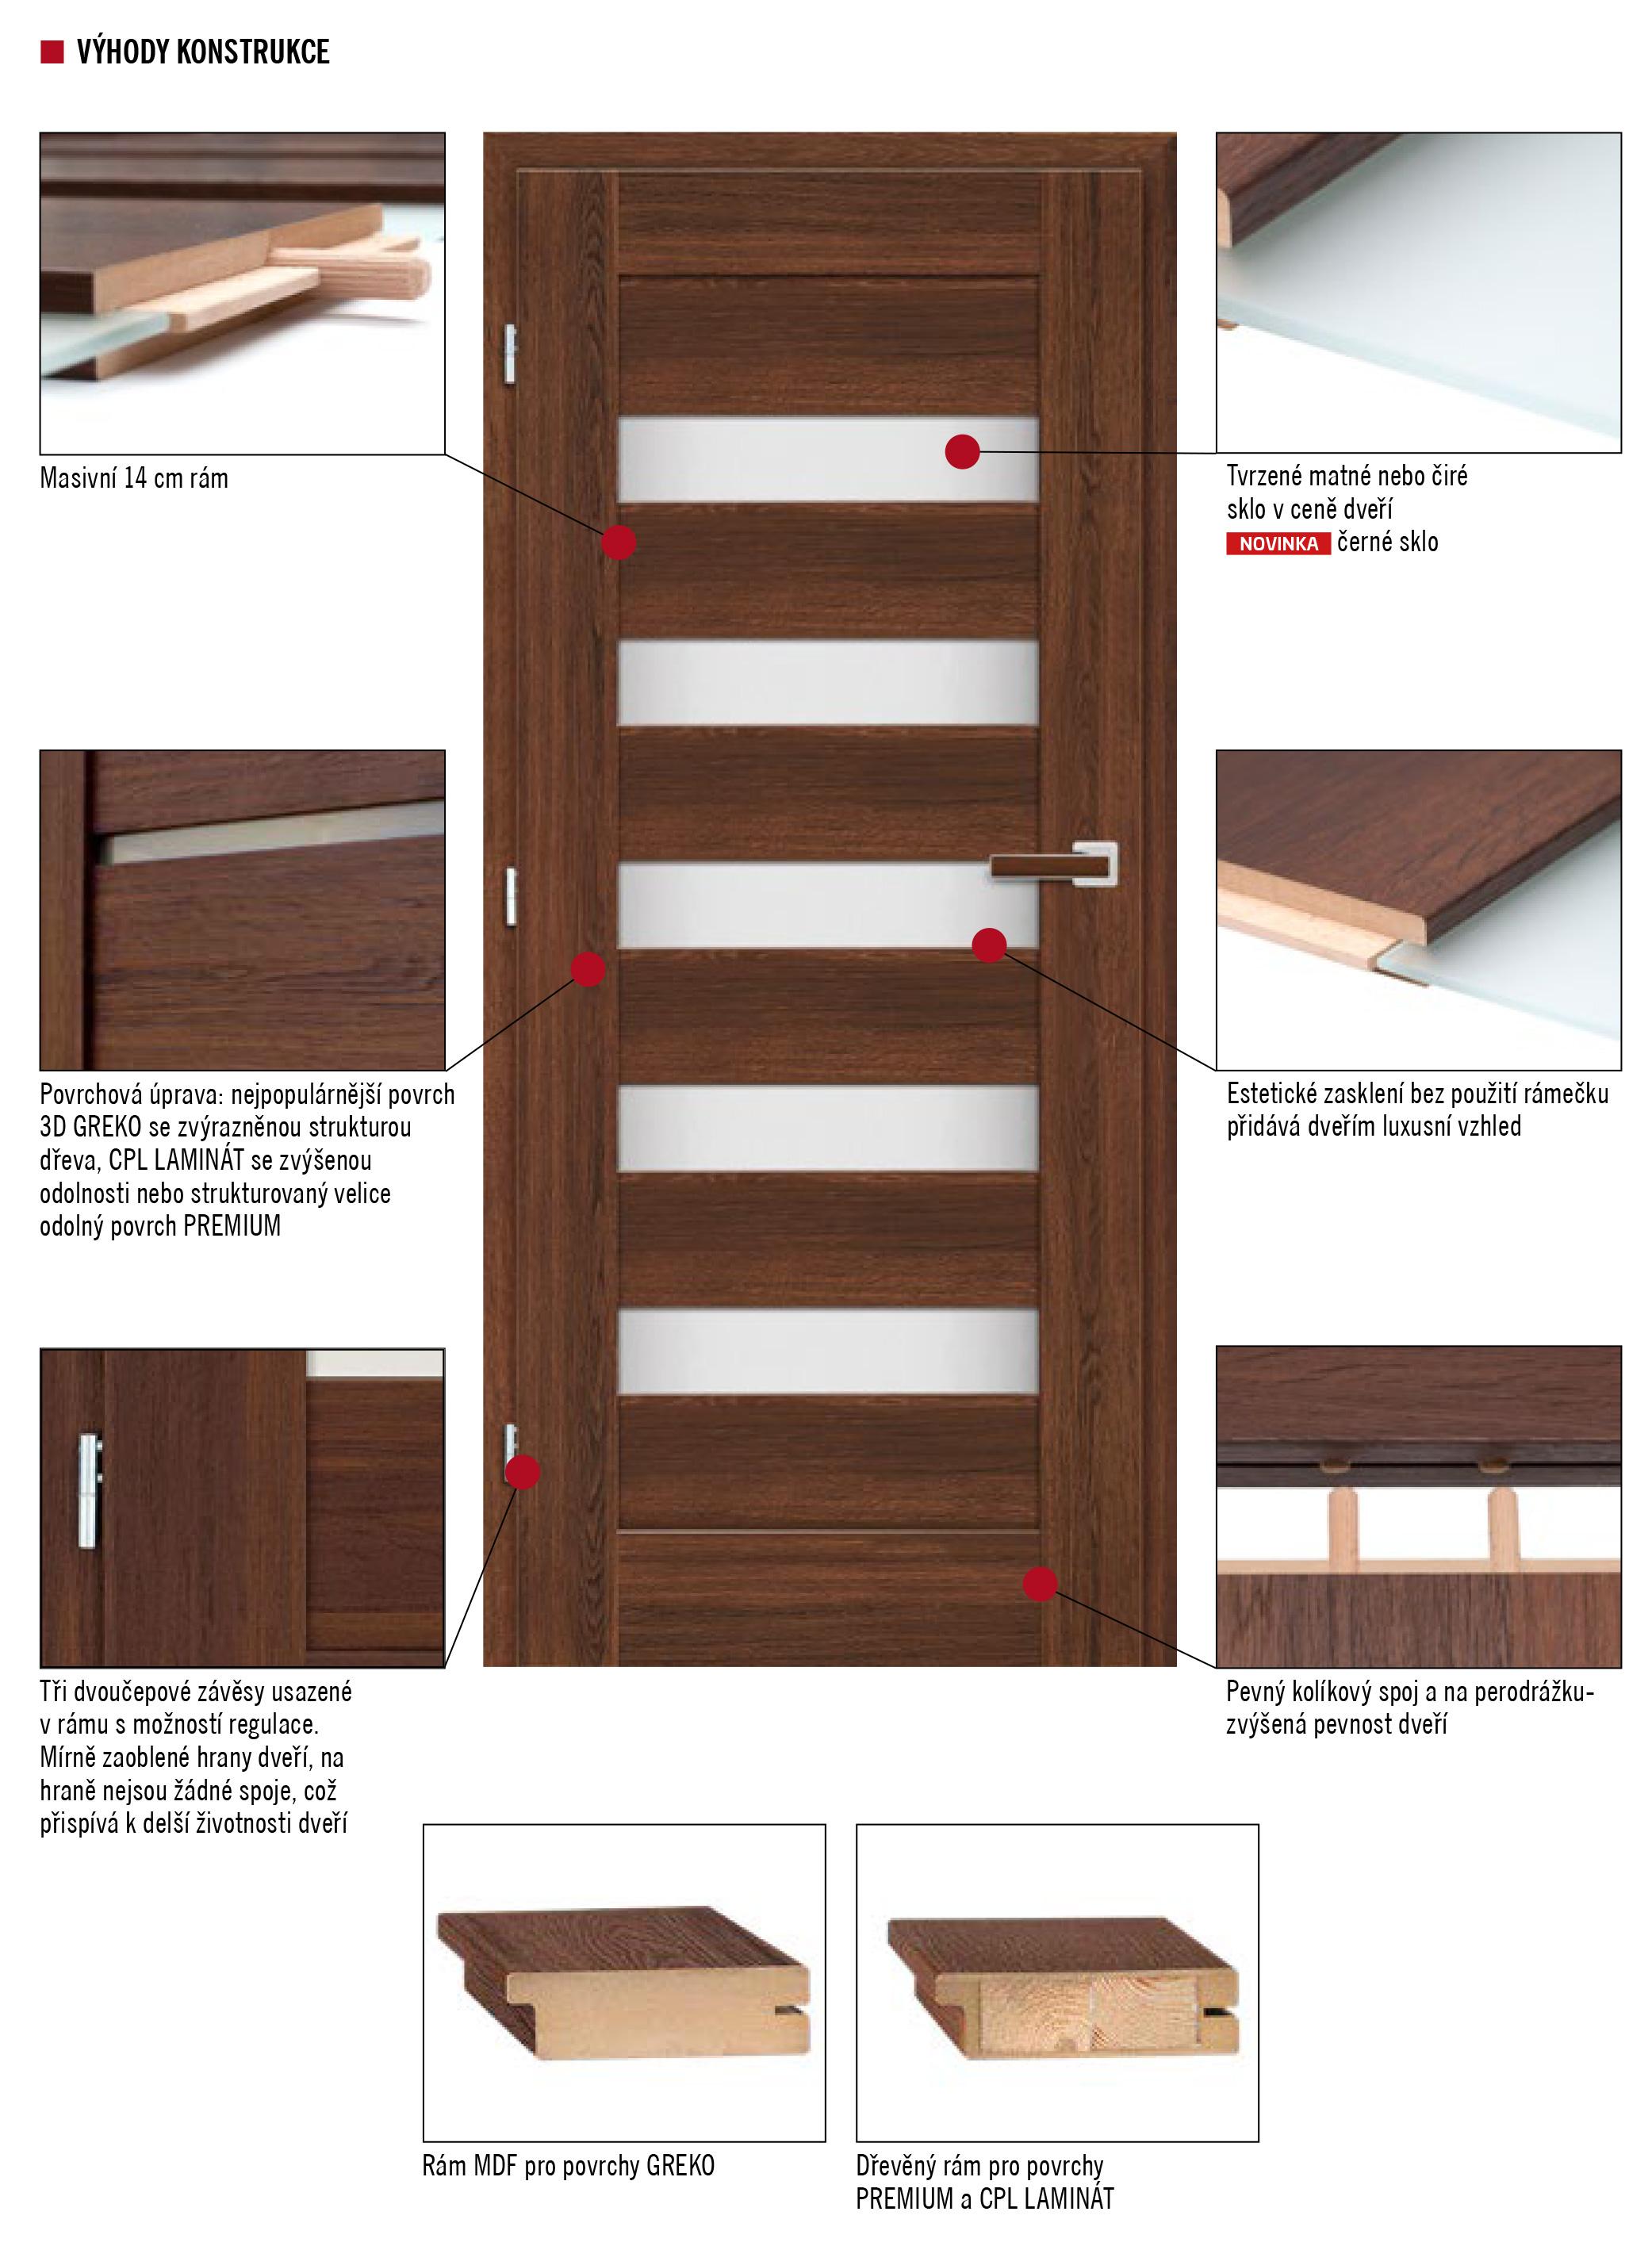 Konstrukce rámových dveří STILE